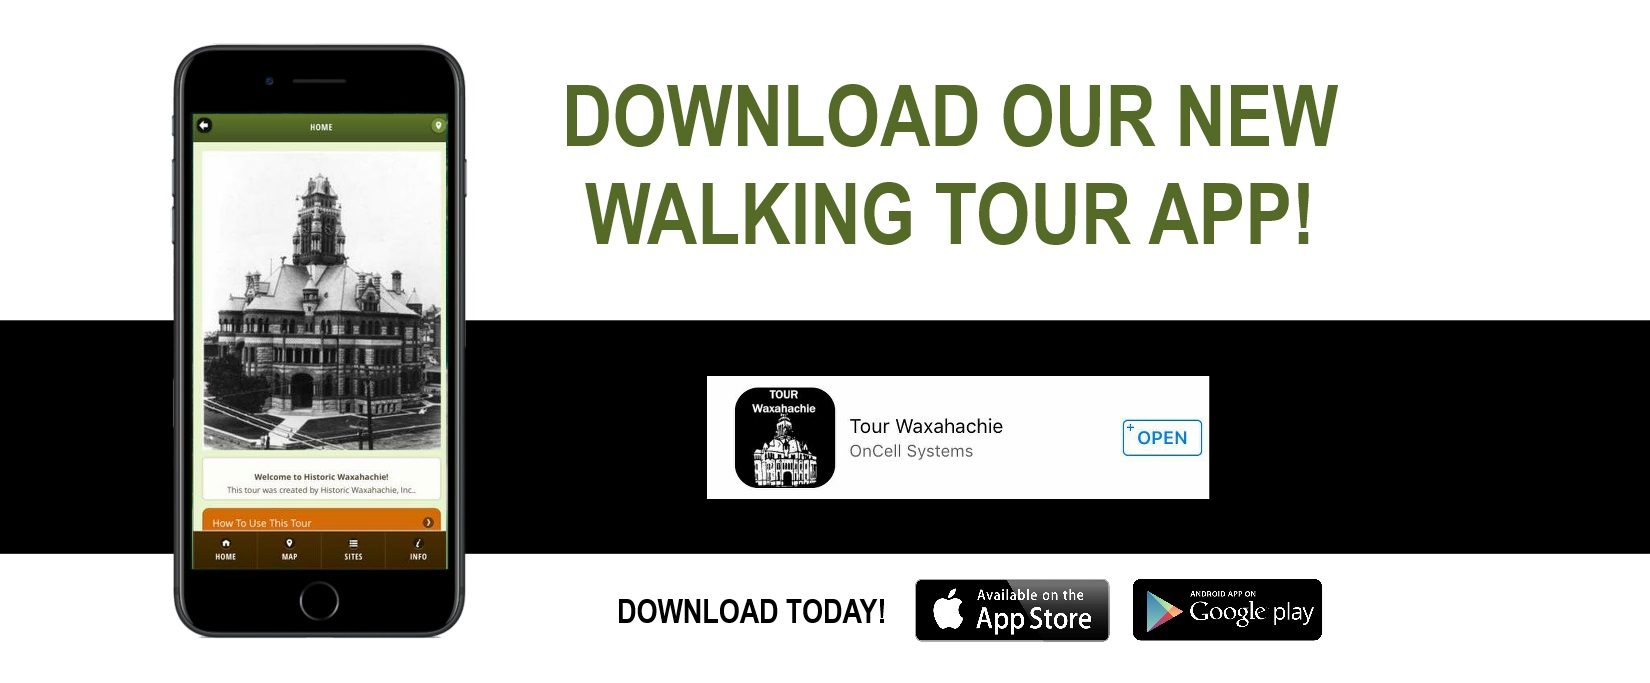 Walking Tour App